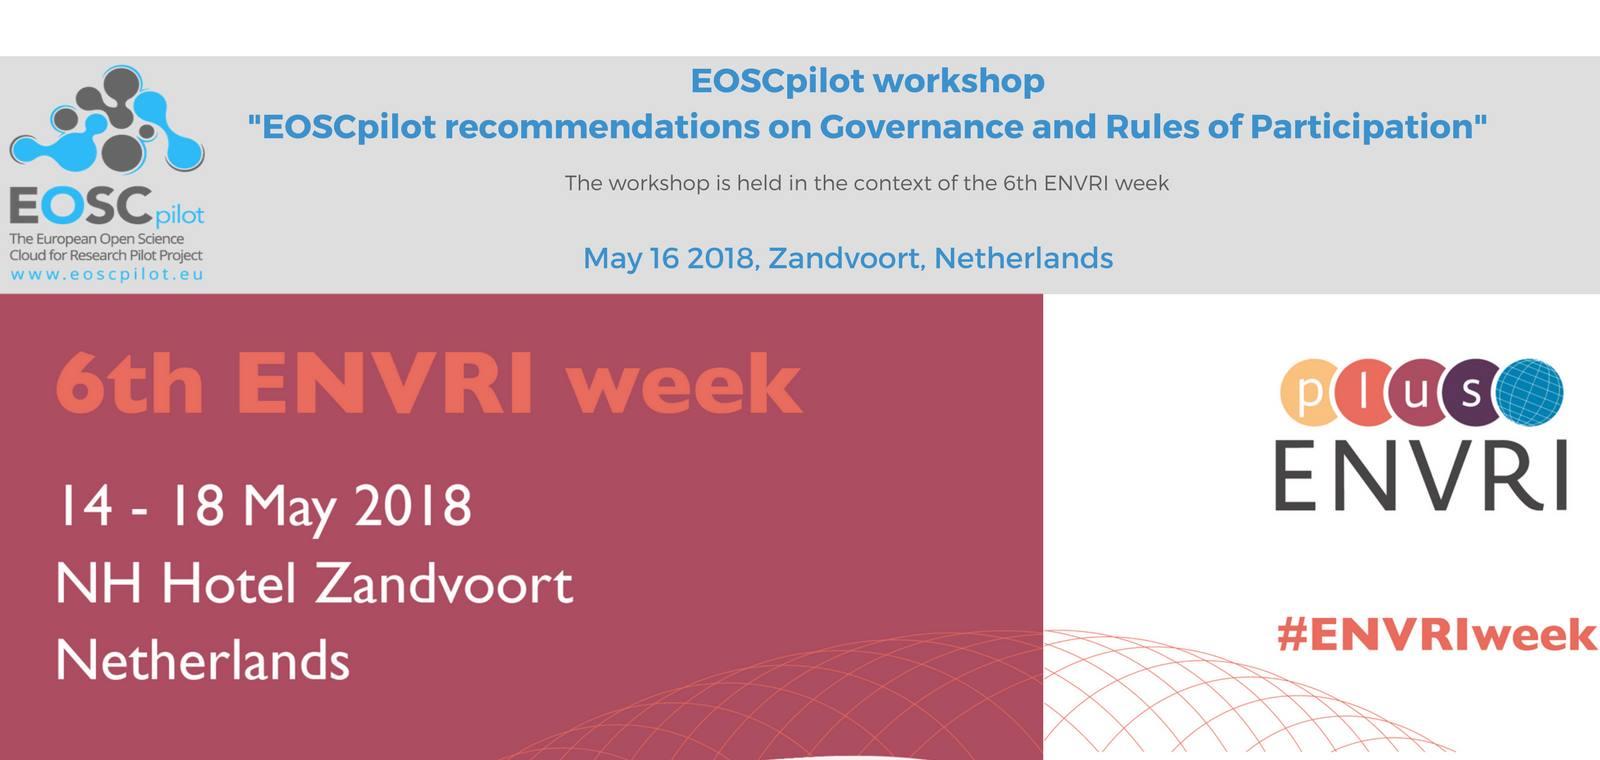 ENVRI week´s EOSCpilot workshop